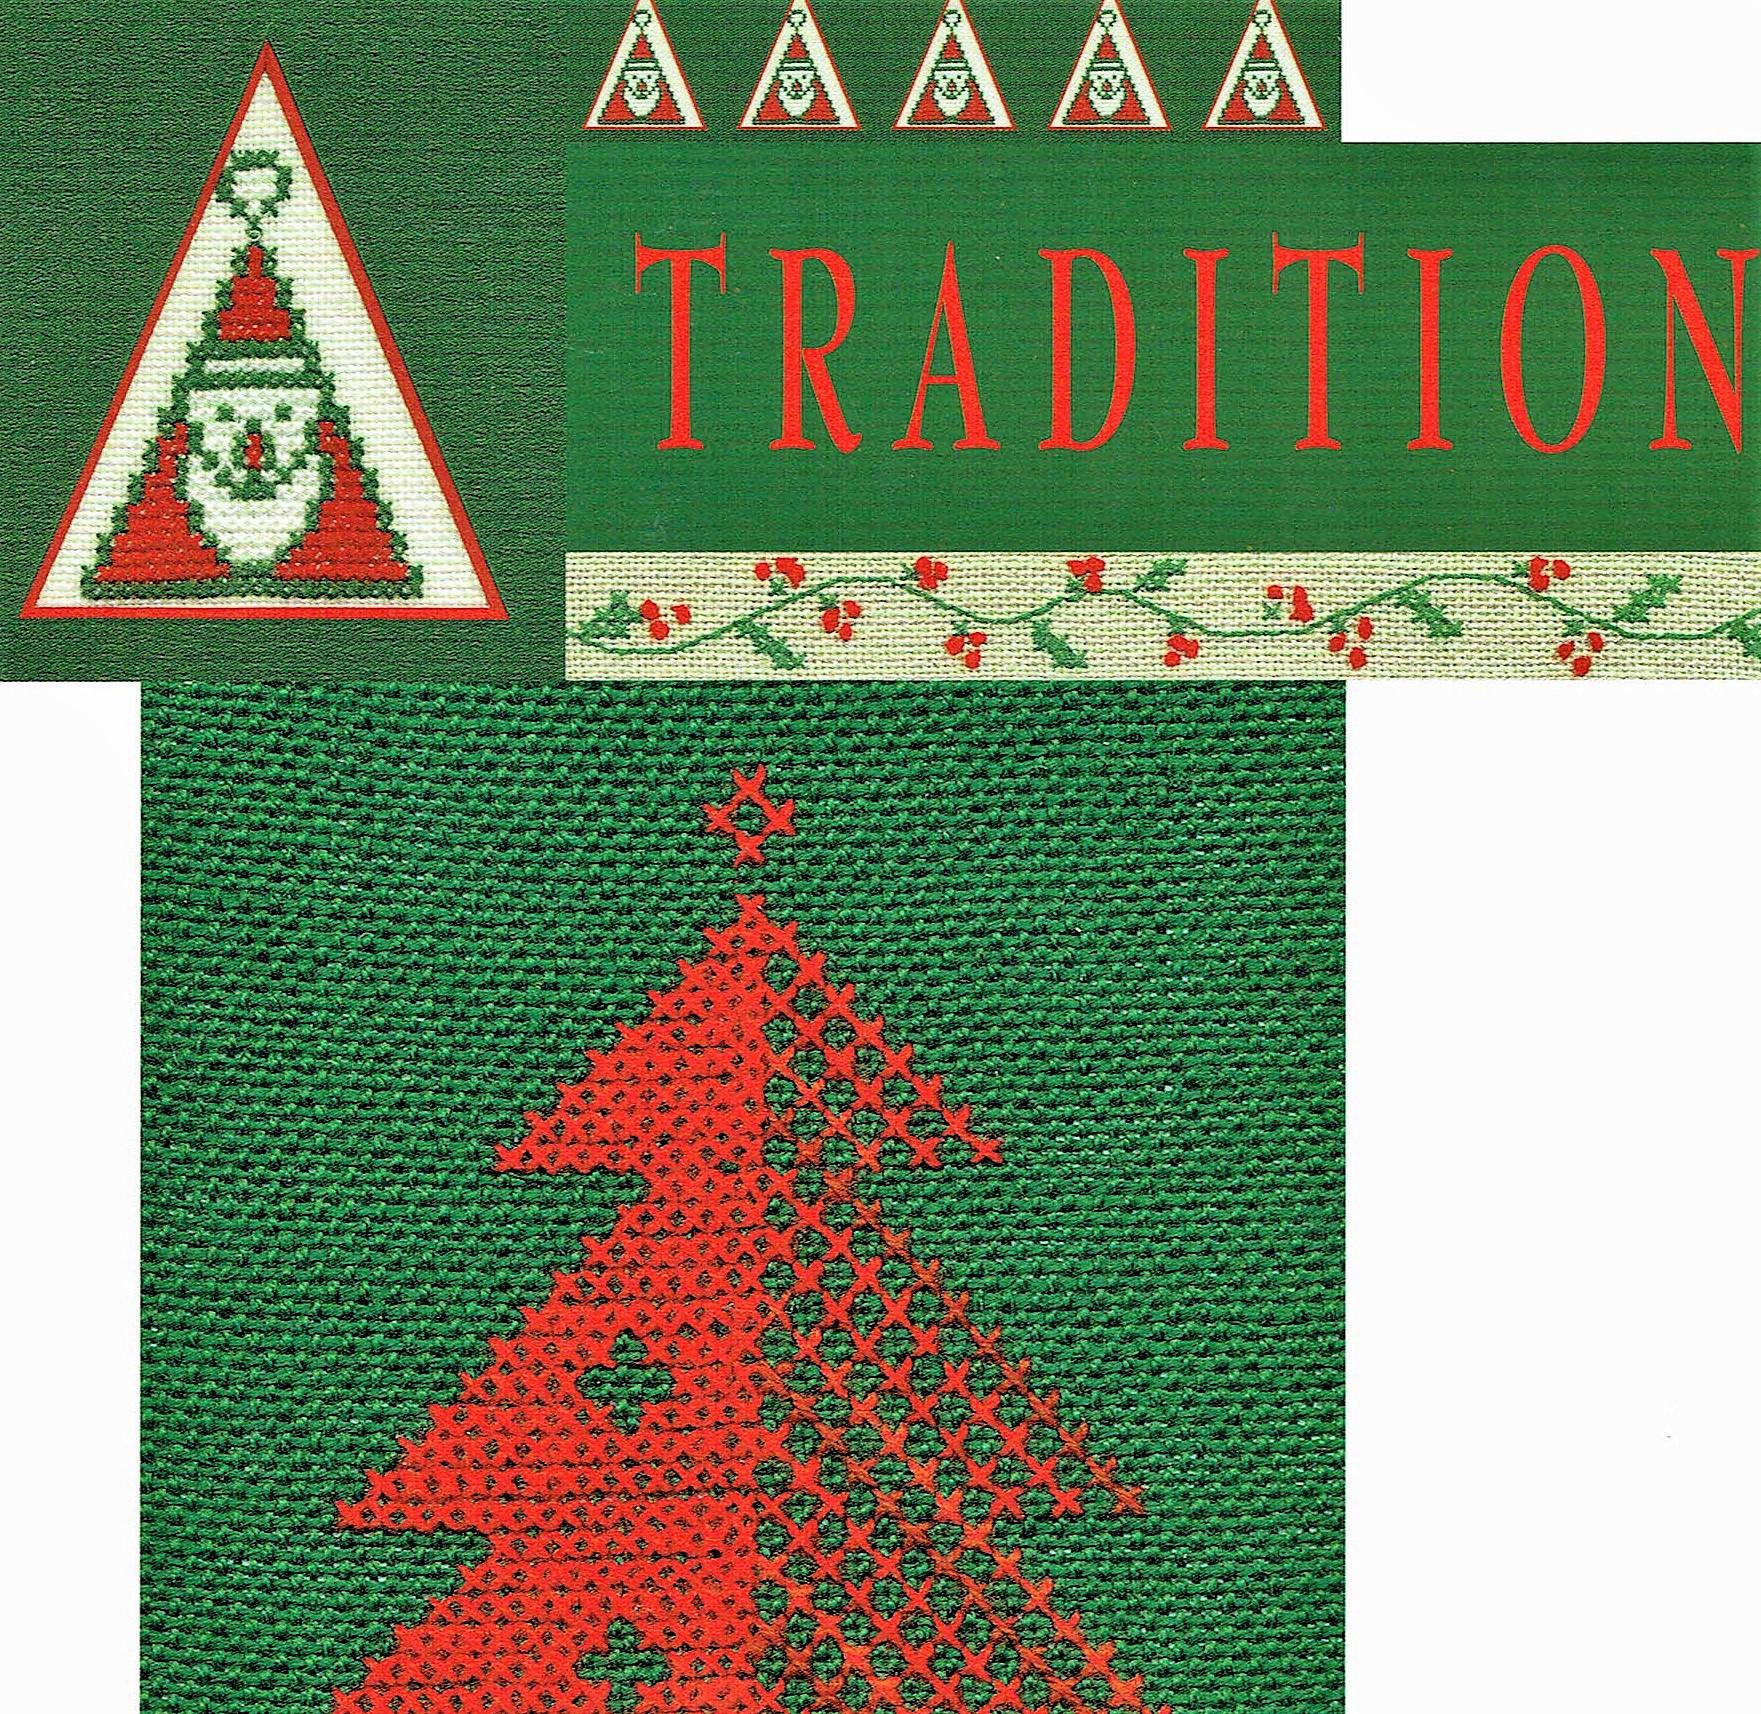 MWi - Tradition